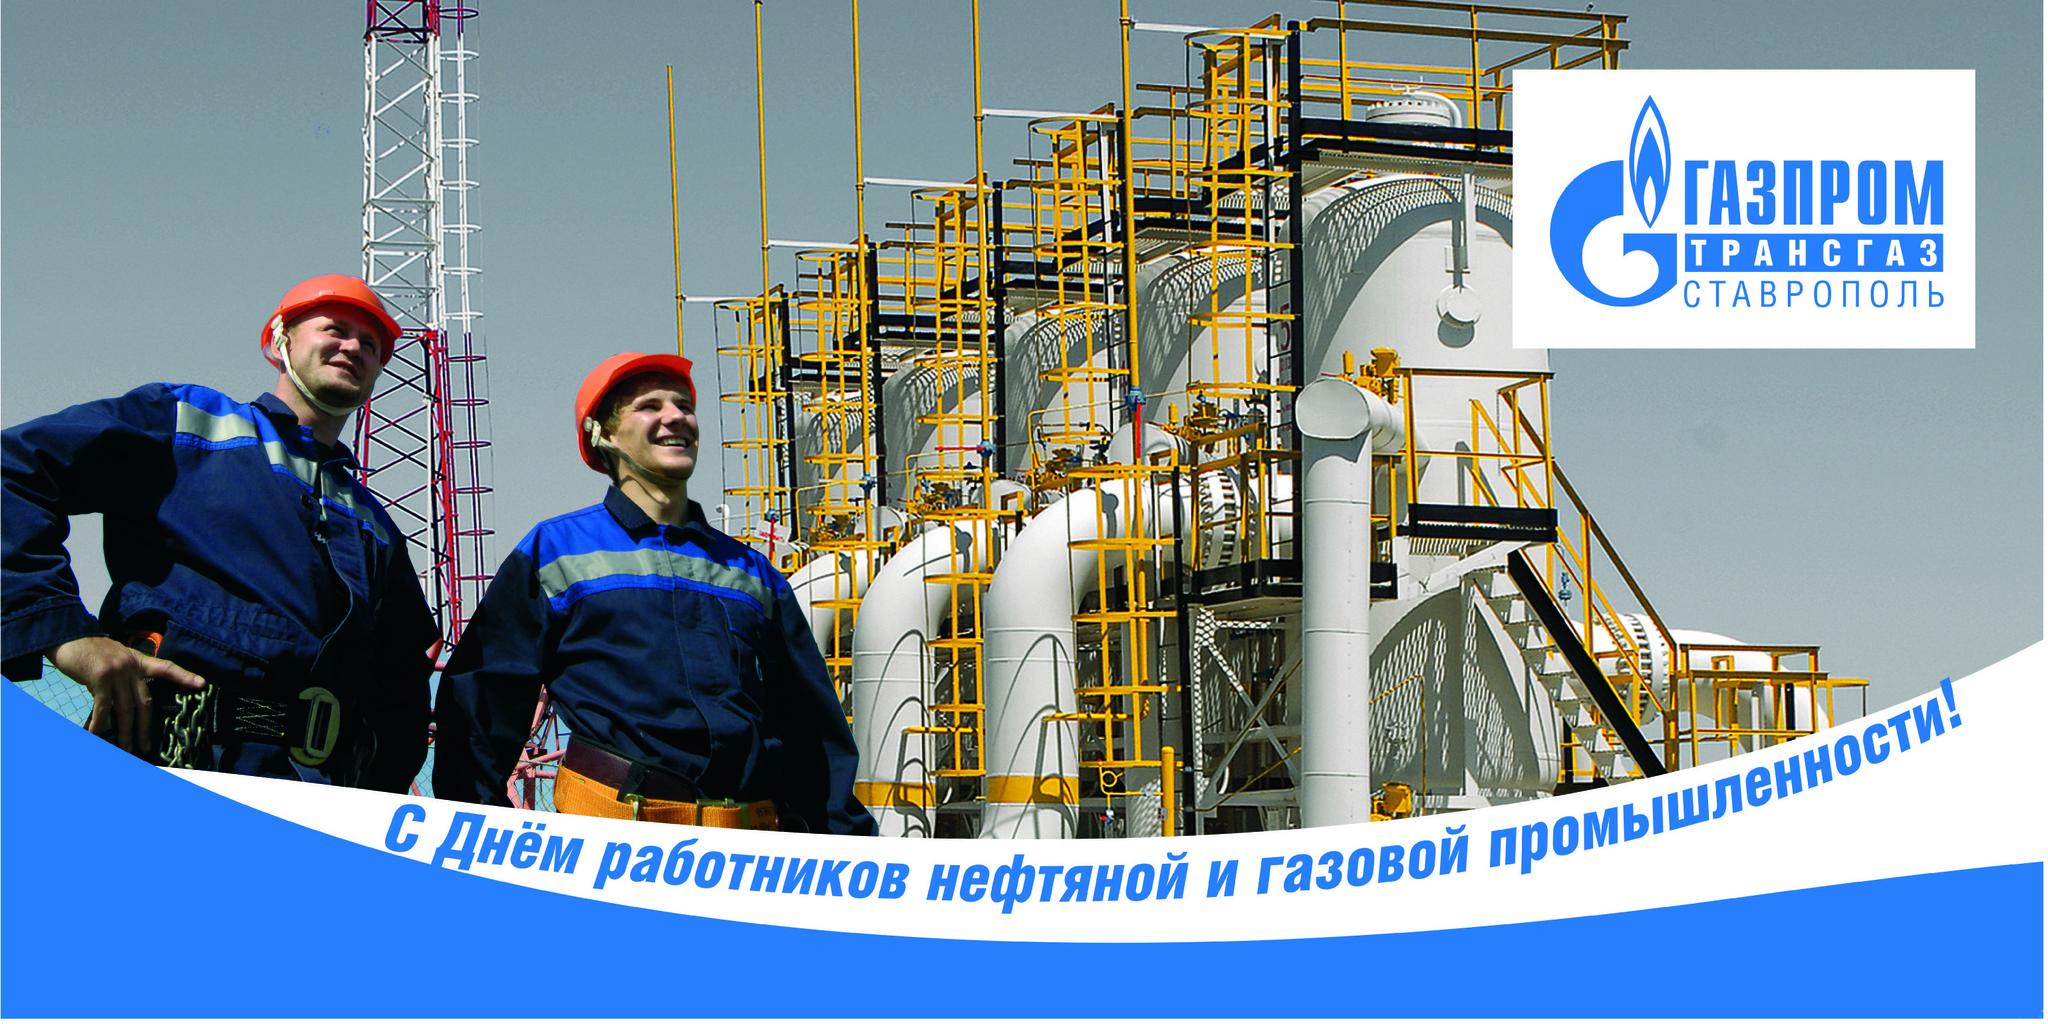 Русское взрослое домашних условиях